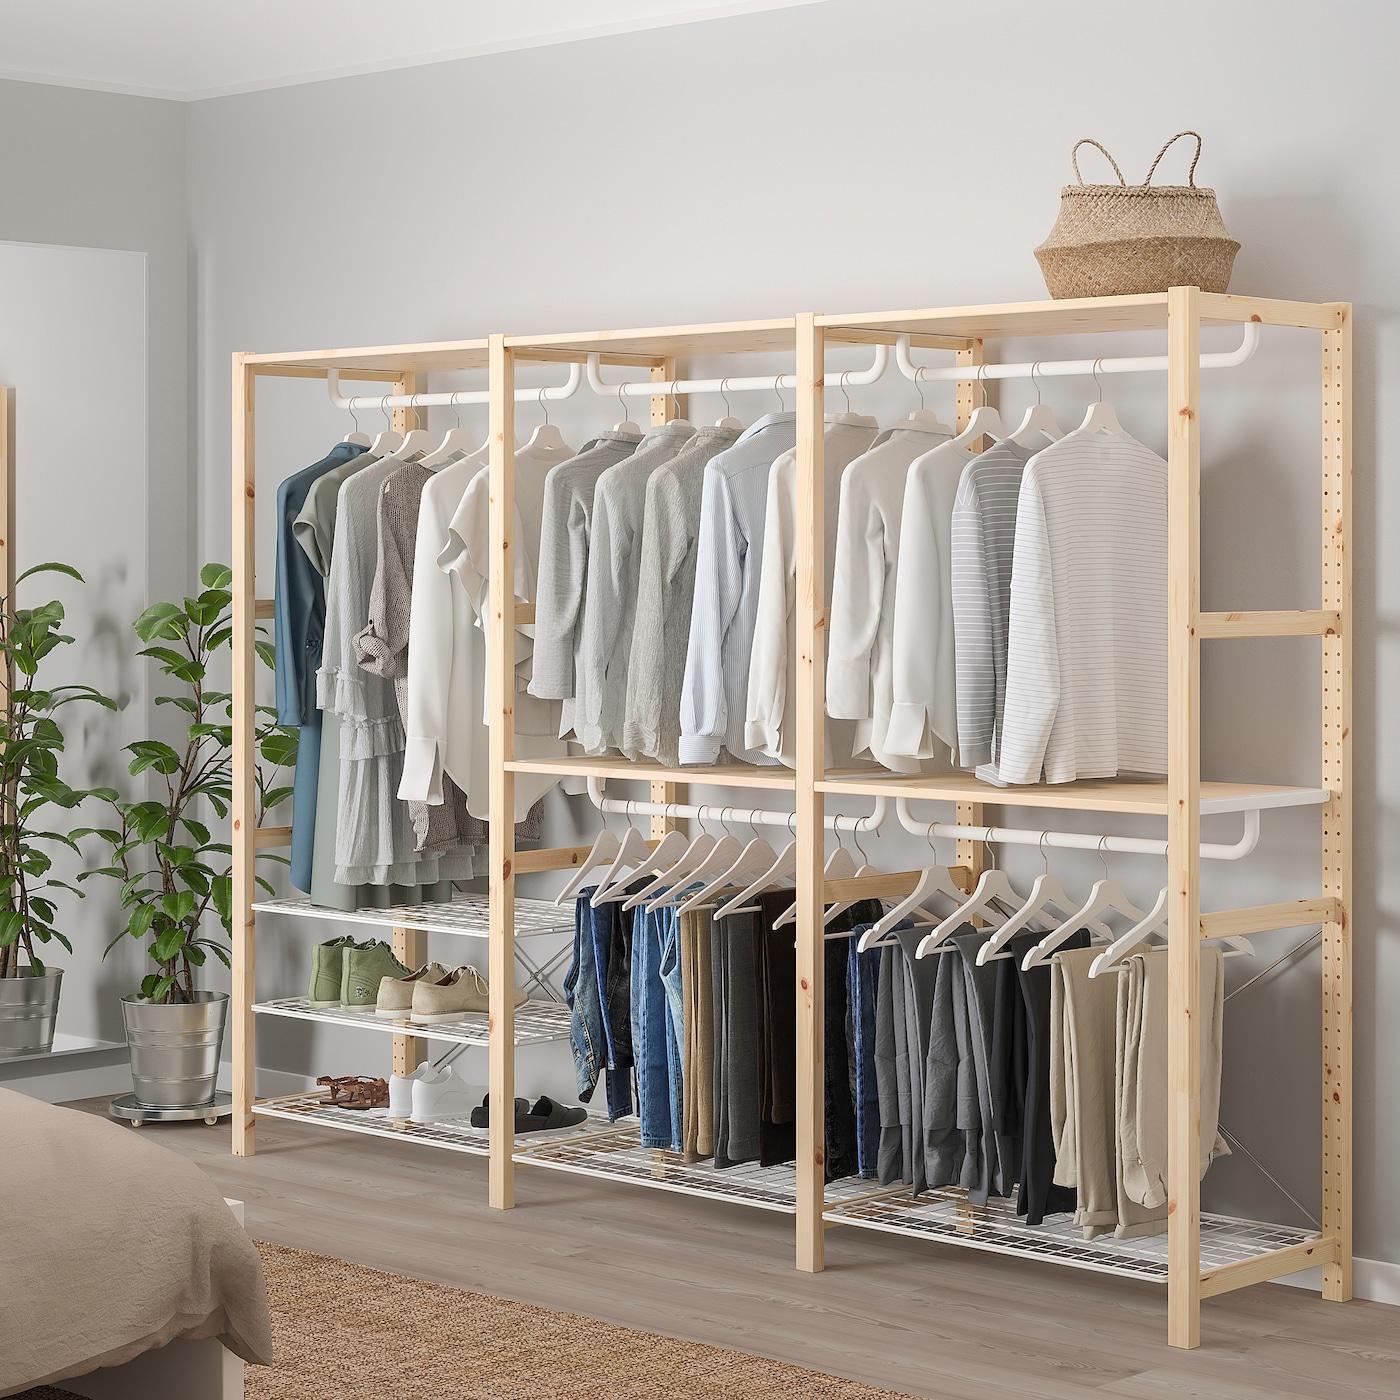 IVAR Kleiderstange IKEA Österreich | Kleiderstange ikea